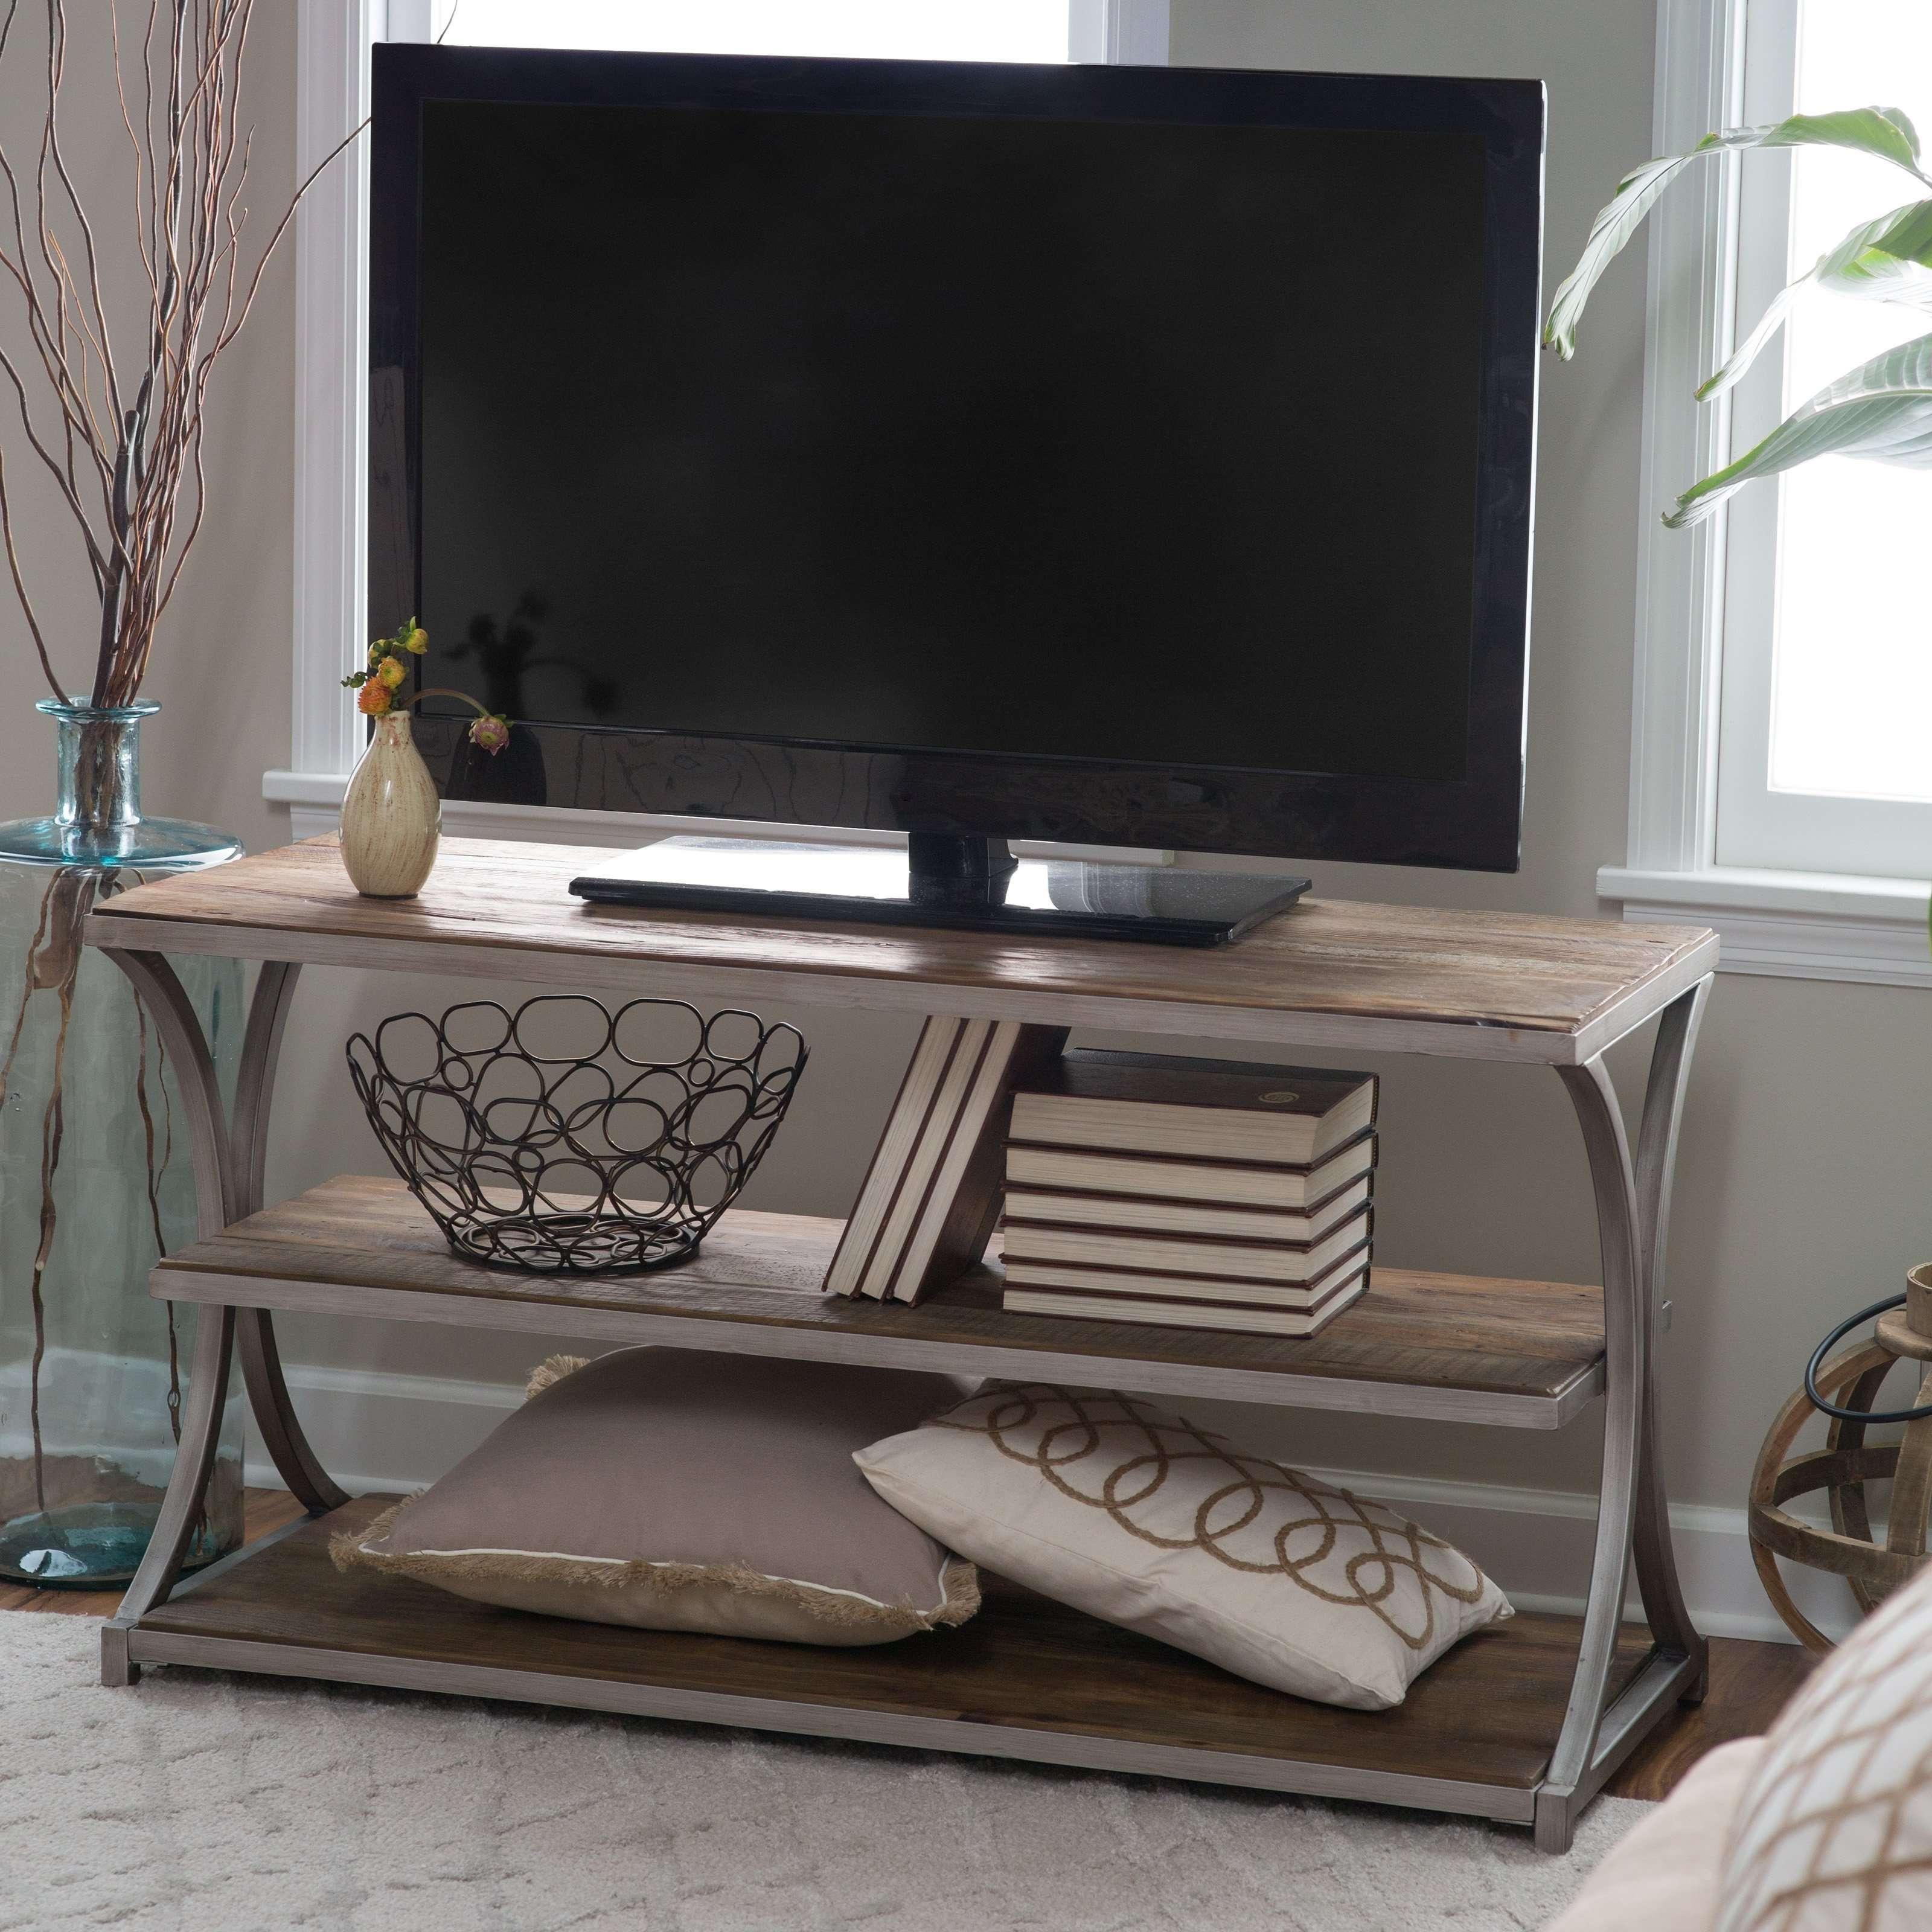 Belham Living Edison Reclaimed Wood Tv Stand | Hayneedle For Reclaimed Wood And Metal Tv Stands (View 3 of 20)